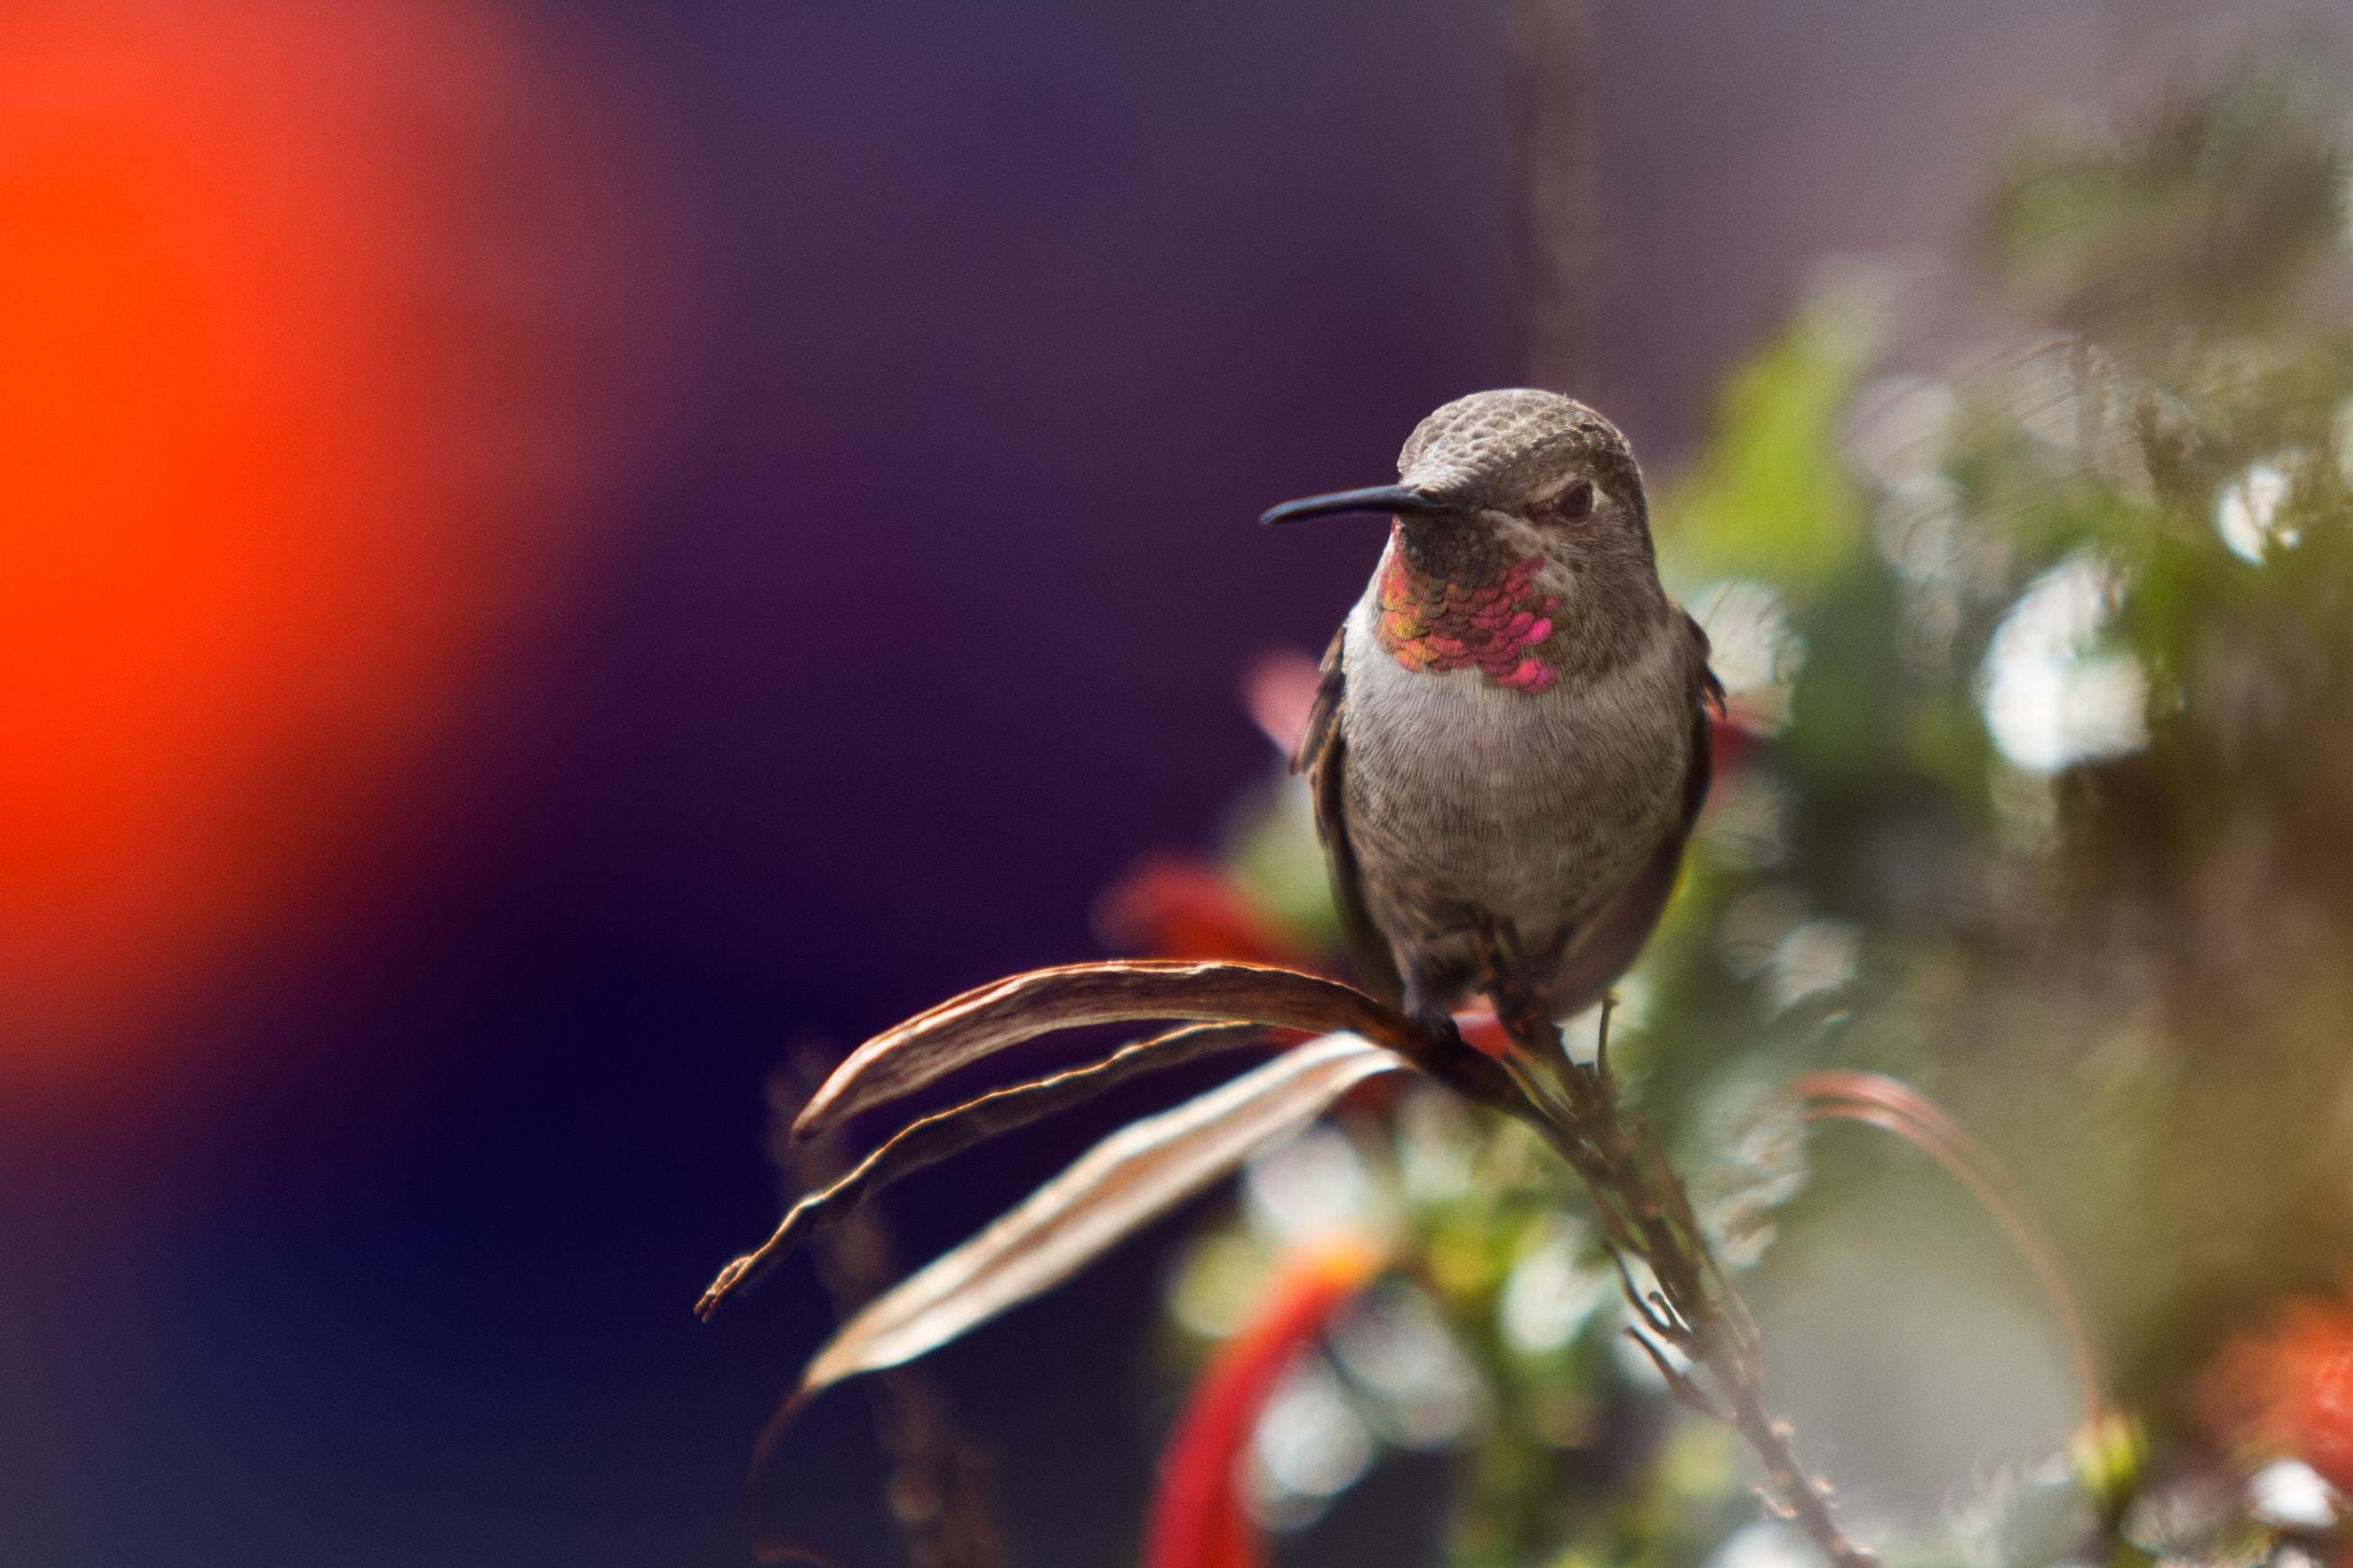 focus photo of a hummingbird on leaf